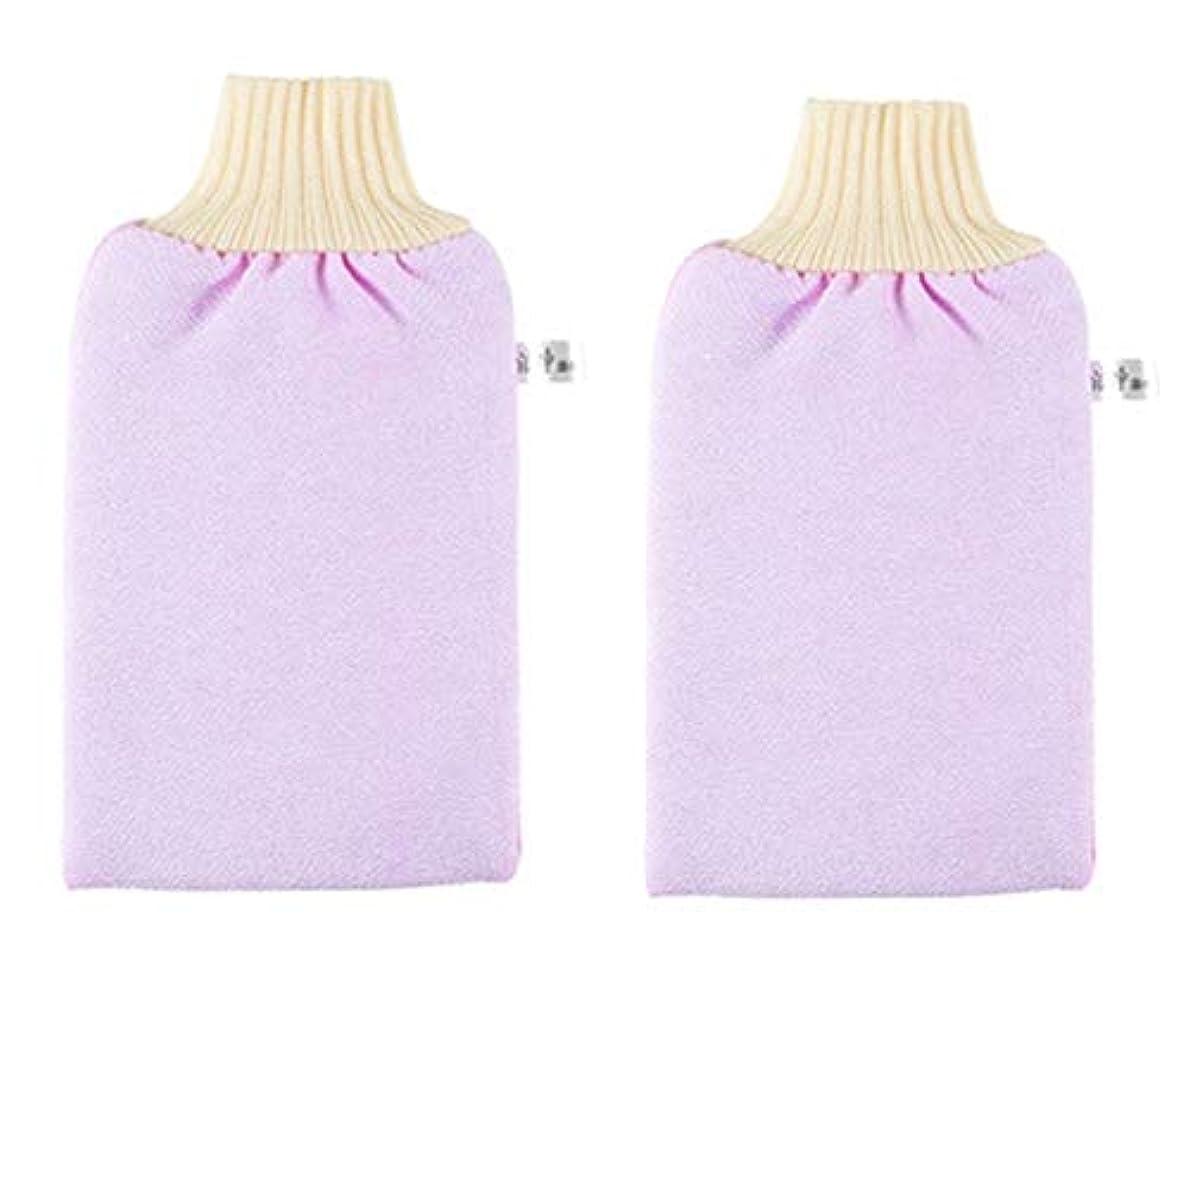 のために決済ベリーBTXXYJP お風呂用手袋 シャワー手袋 あかすり ボディブラシ やわらか ボディタオル 角質除去 (Color : Pink-2 packs)